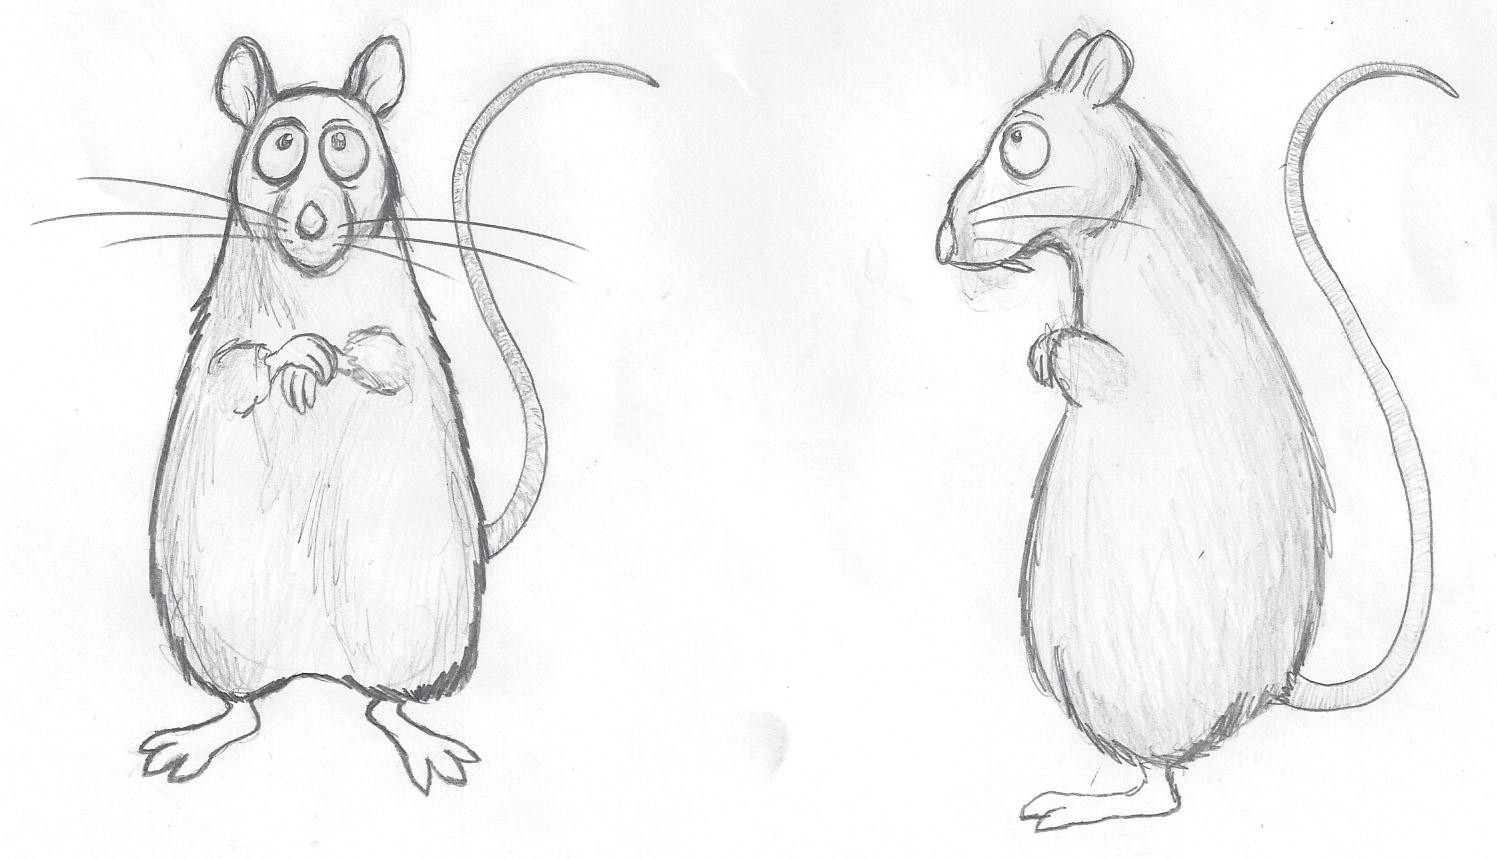 evil cartoon rats